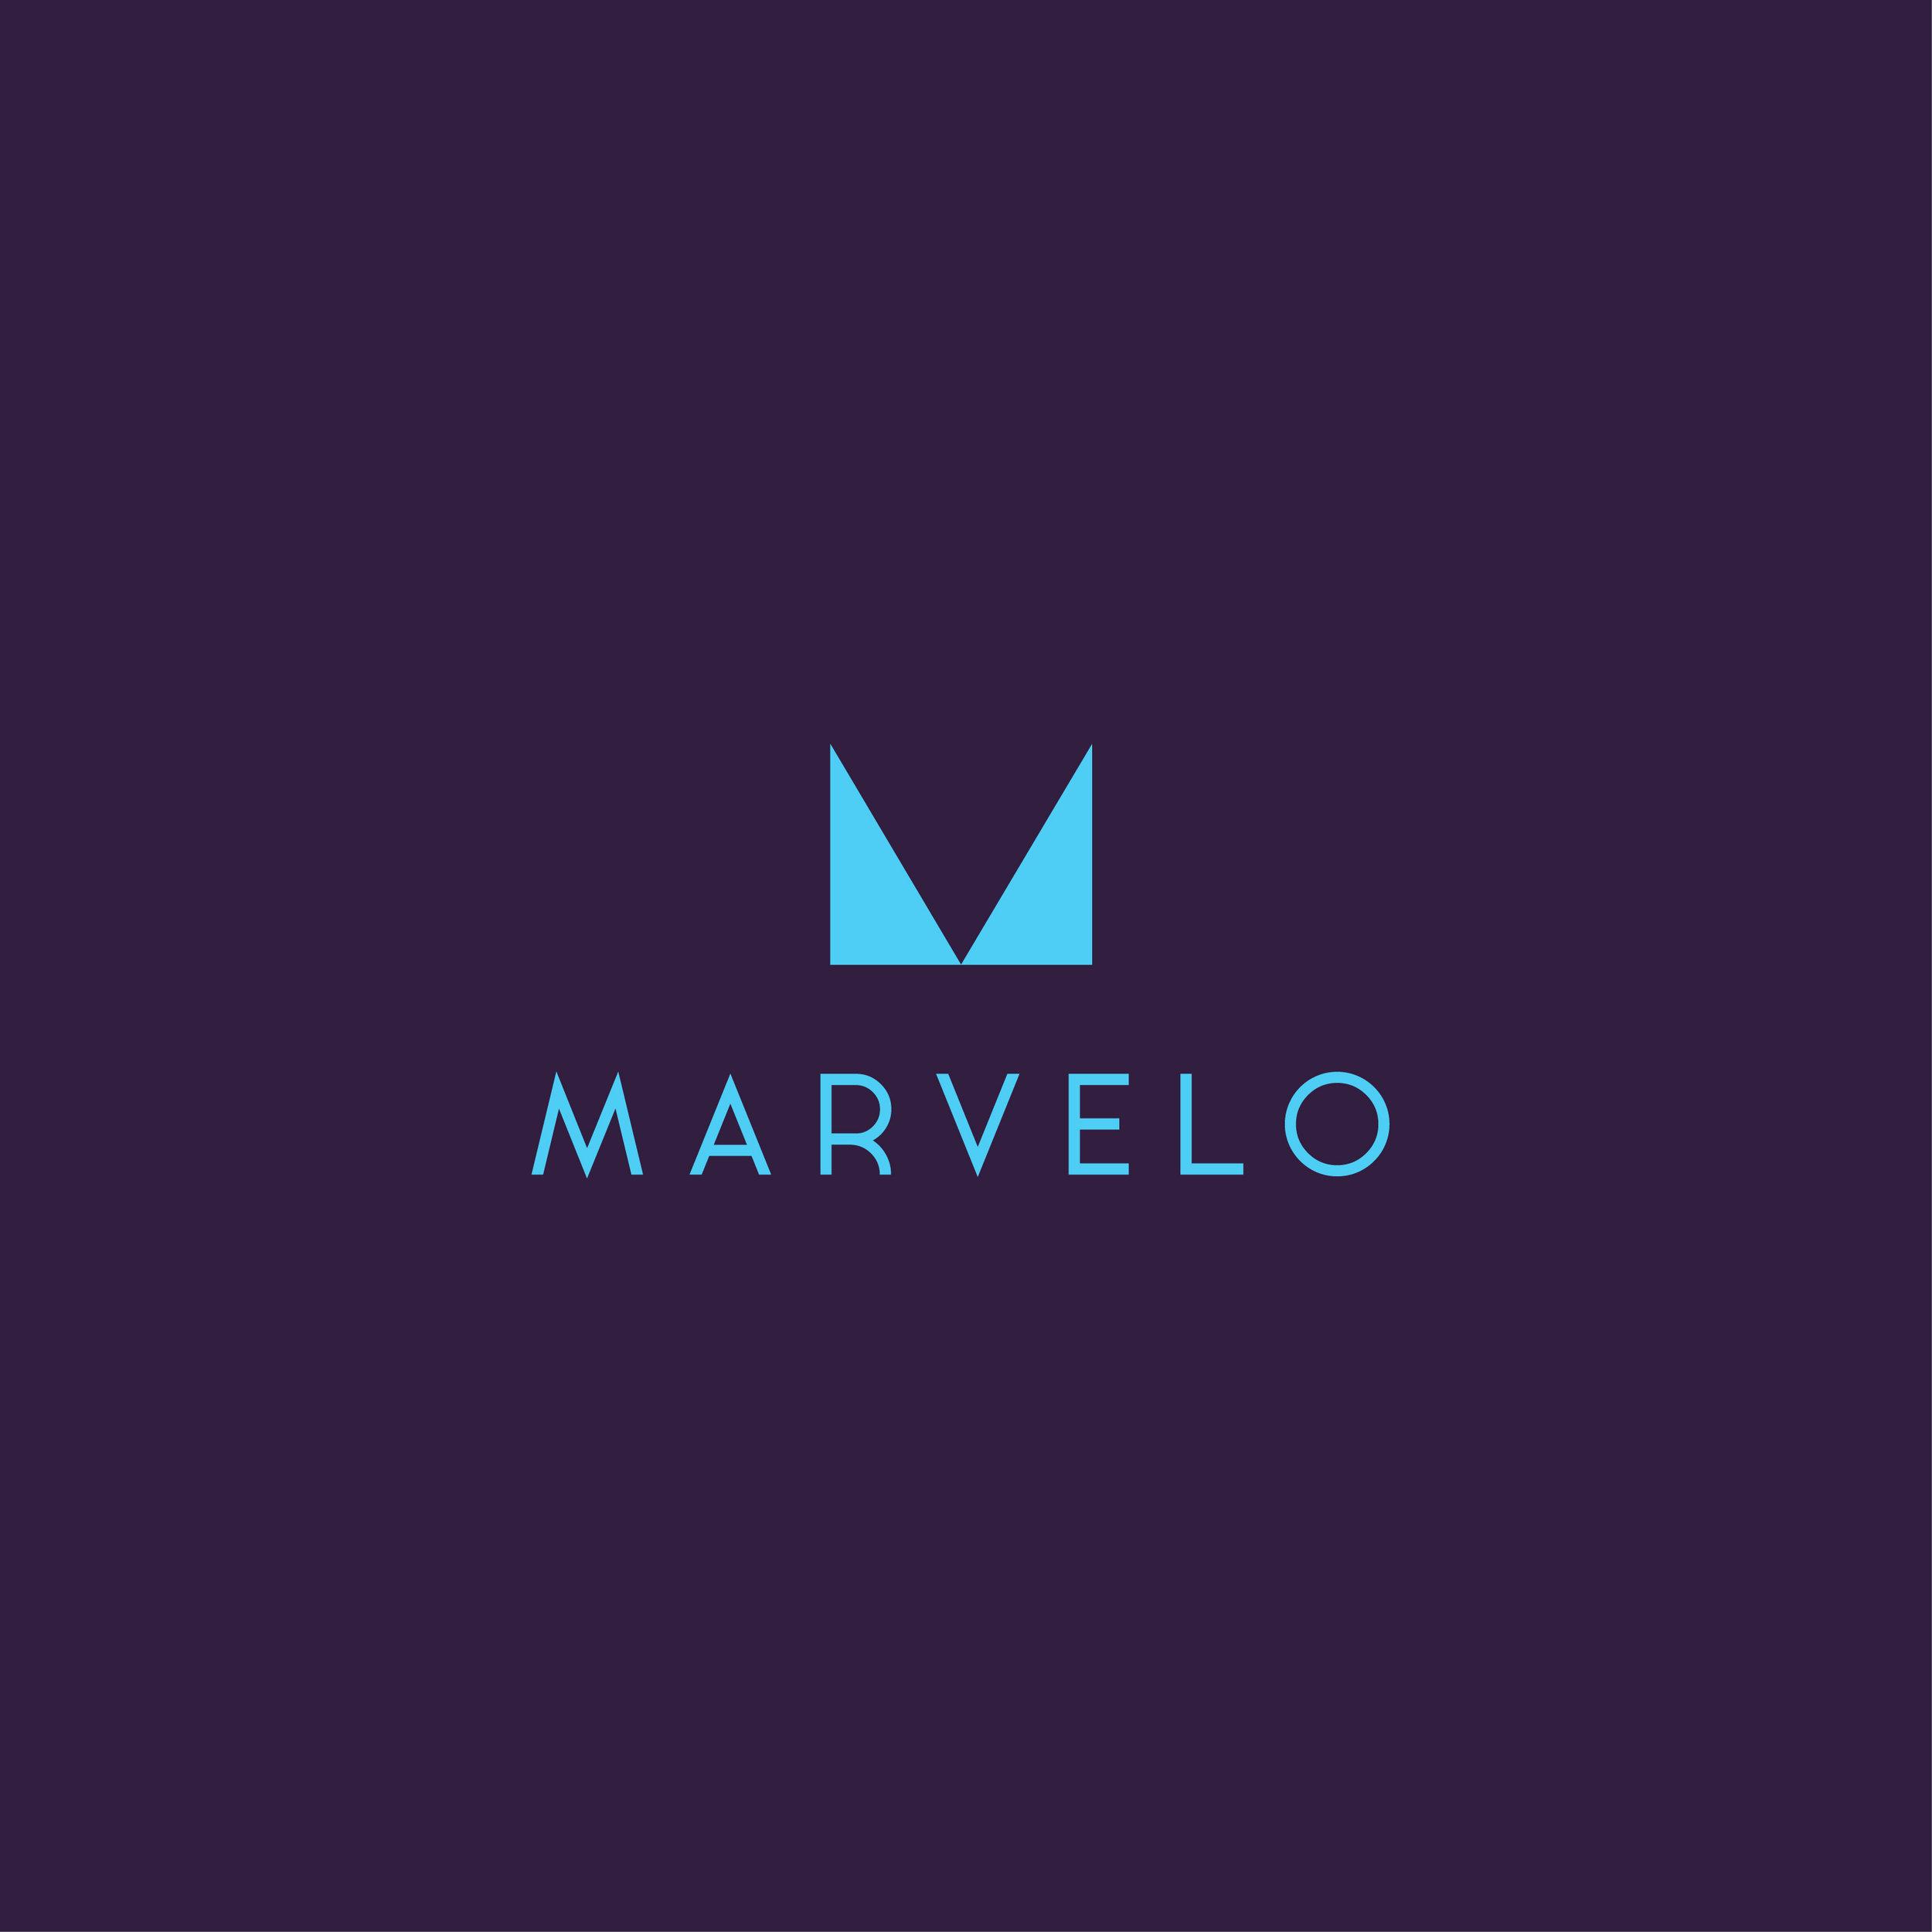 MARVELO.jpg